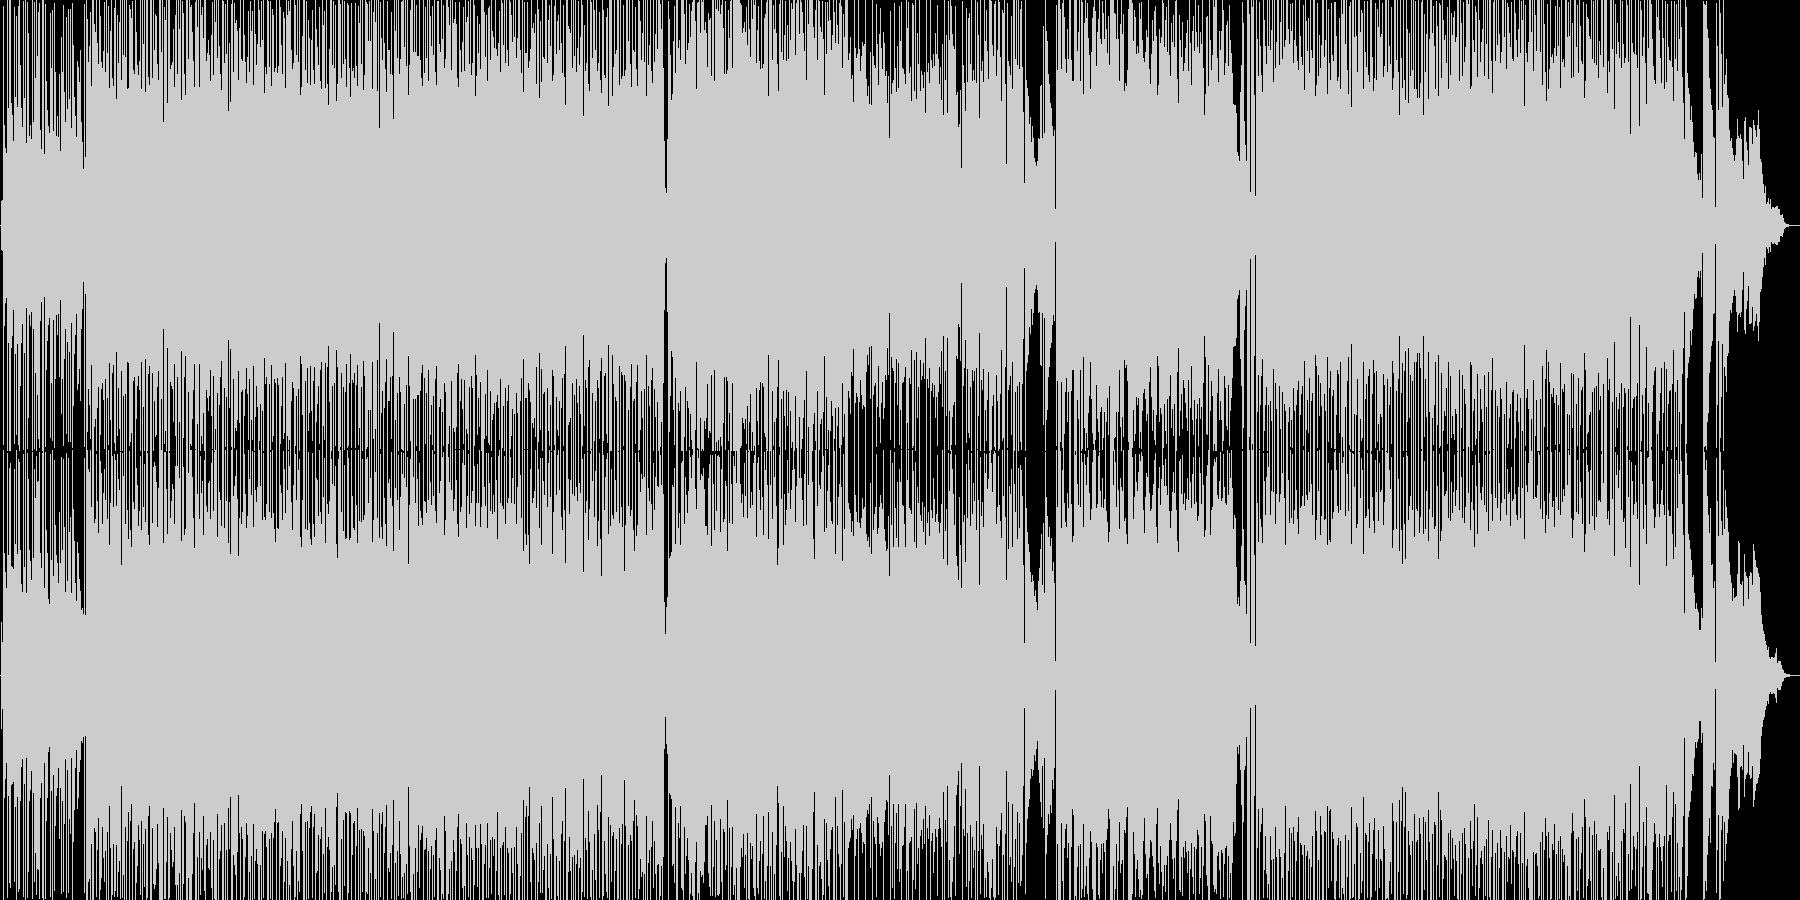 大人向け・お洒落なファンク・フュージョンの未再生の波形